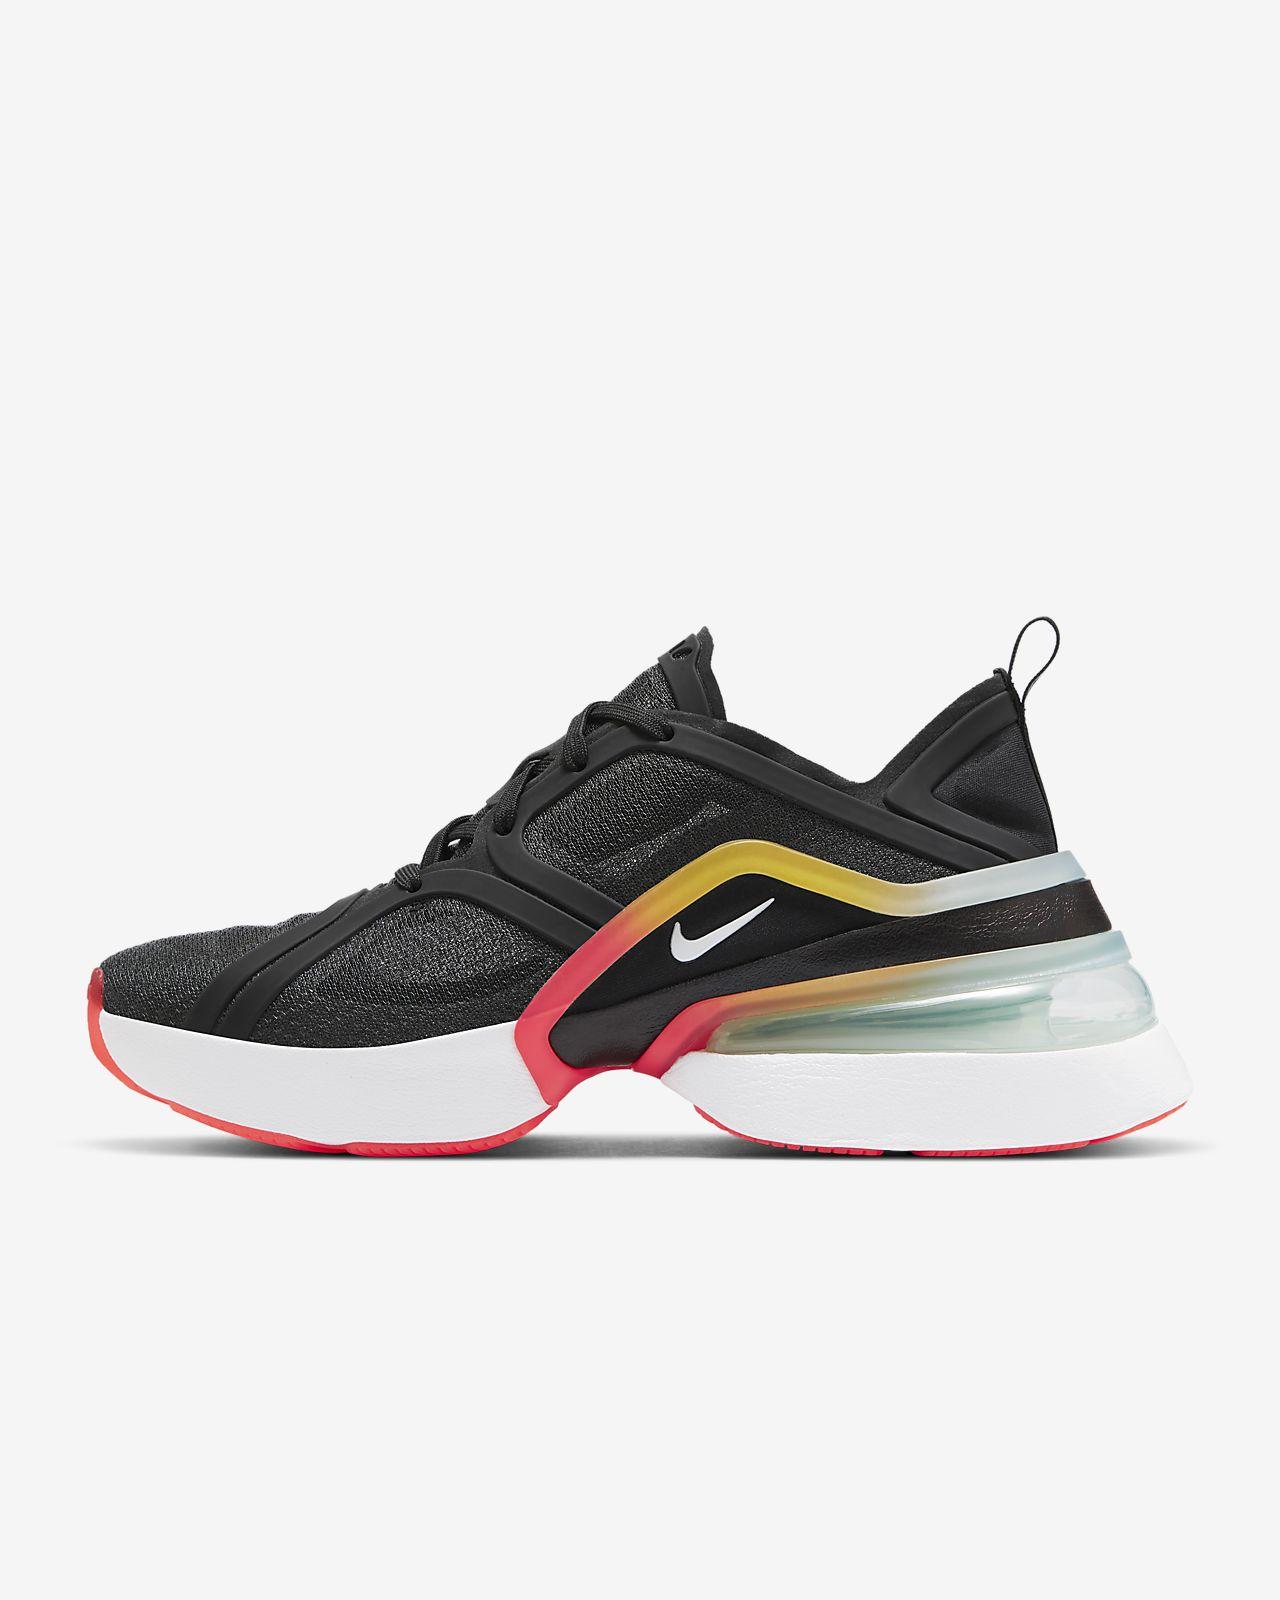 Nike Air Max 270 XX Women's Shoe